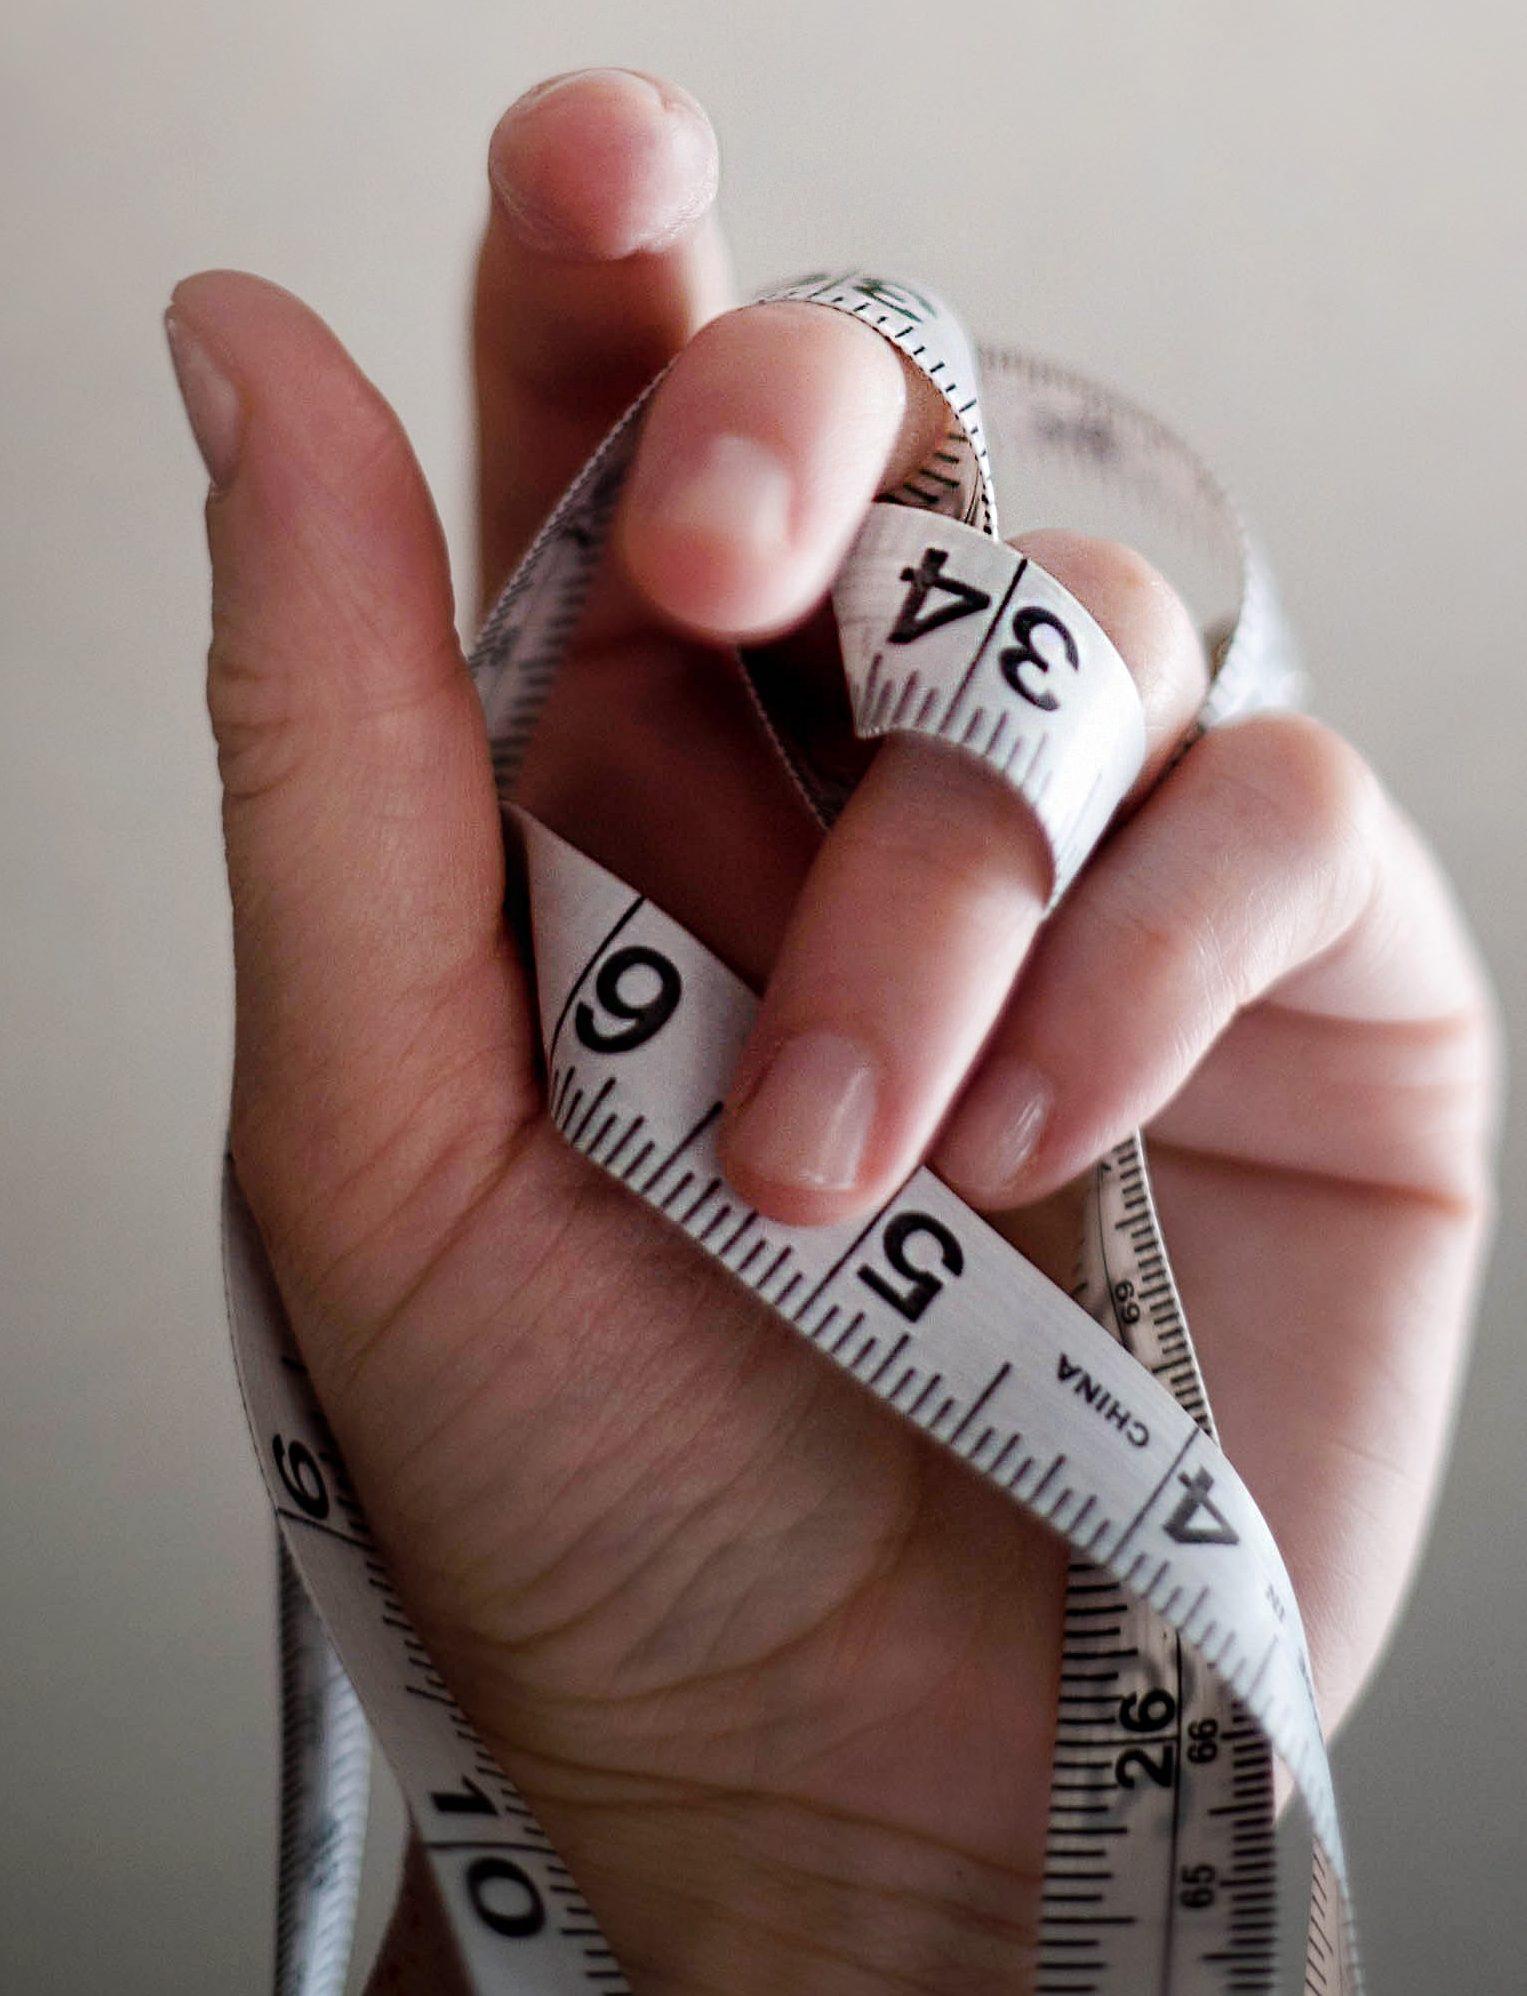 Kvinde, jeans, overvægt, overvægtig, stigende fedme (Foto: Unsplash)